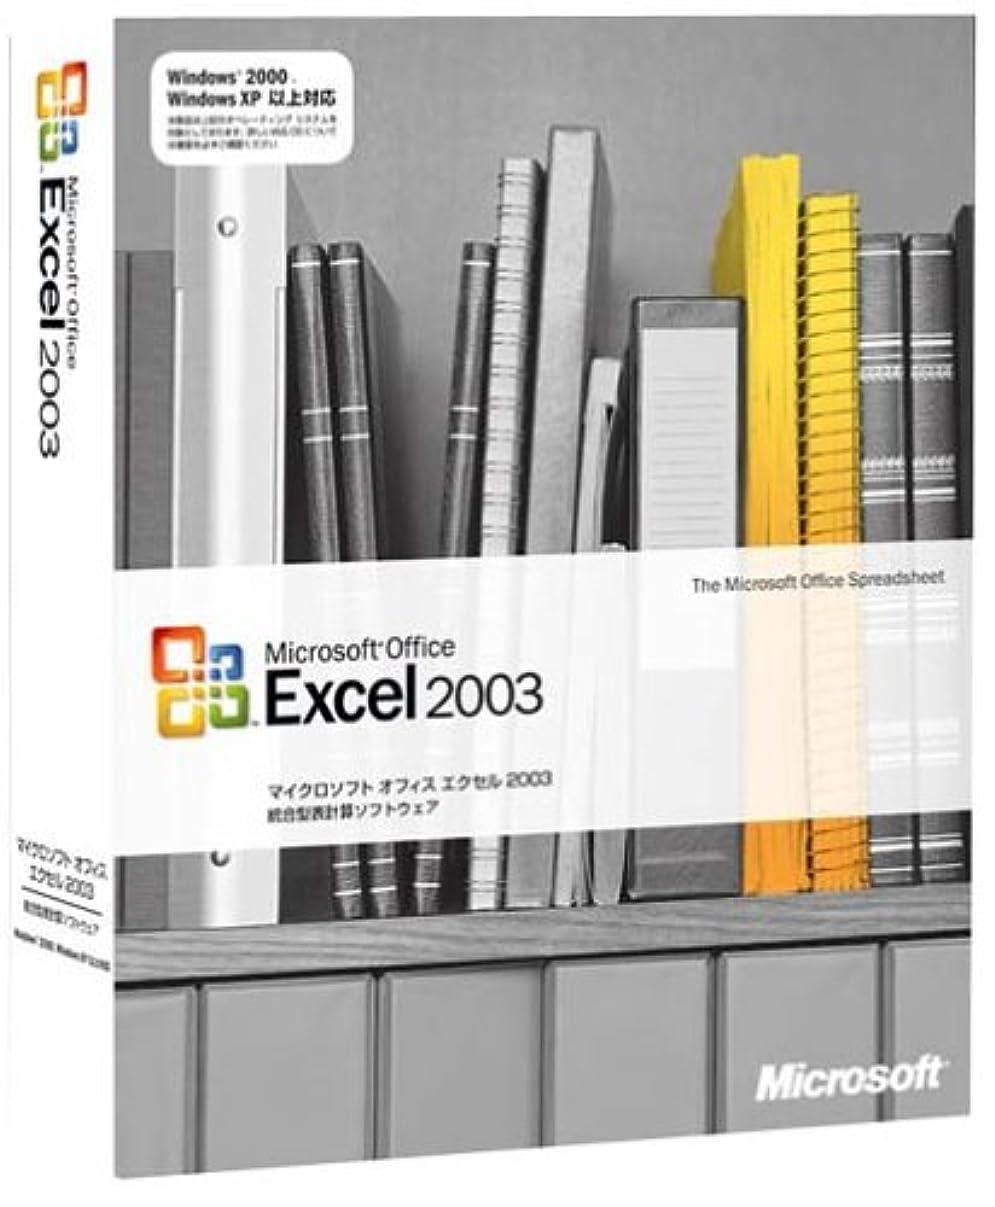 凍結ライフル動力学【旧商品/サポート終了】Microsoft  Office Excel 2003